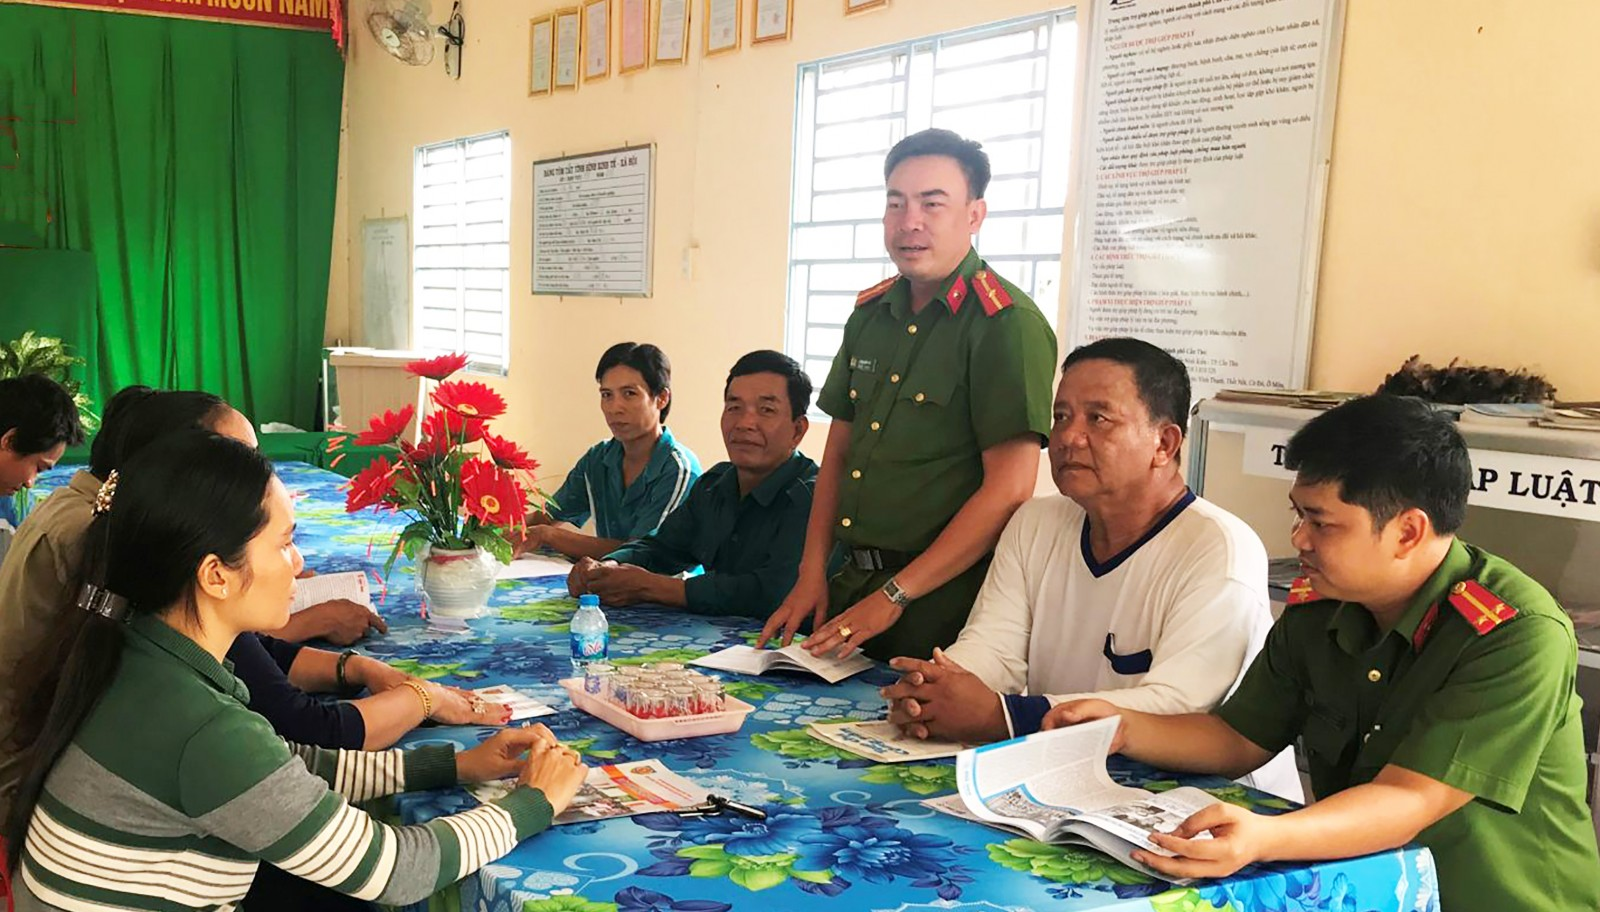 Công an phường Long Tuyền tuyên truyền, vận động người dân tham gia Phong trào TDBVANTQ, xây dựng nếp sống văn minh đô thị. Ảnh: KIỀU CHINH